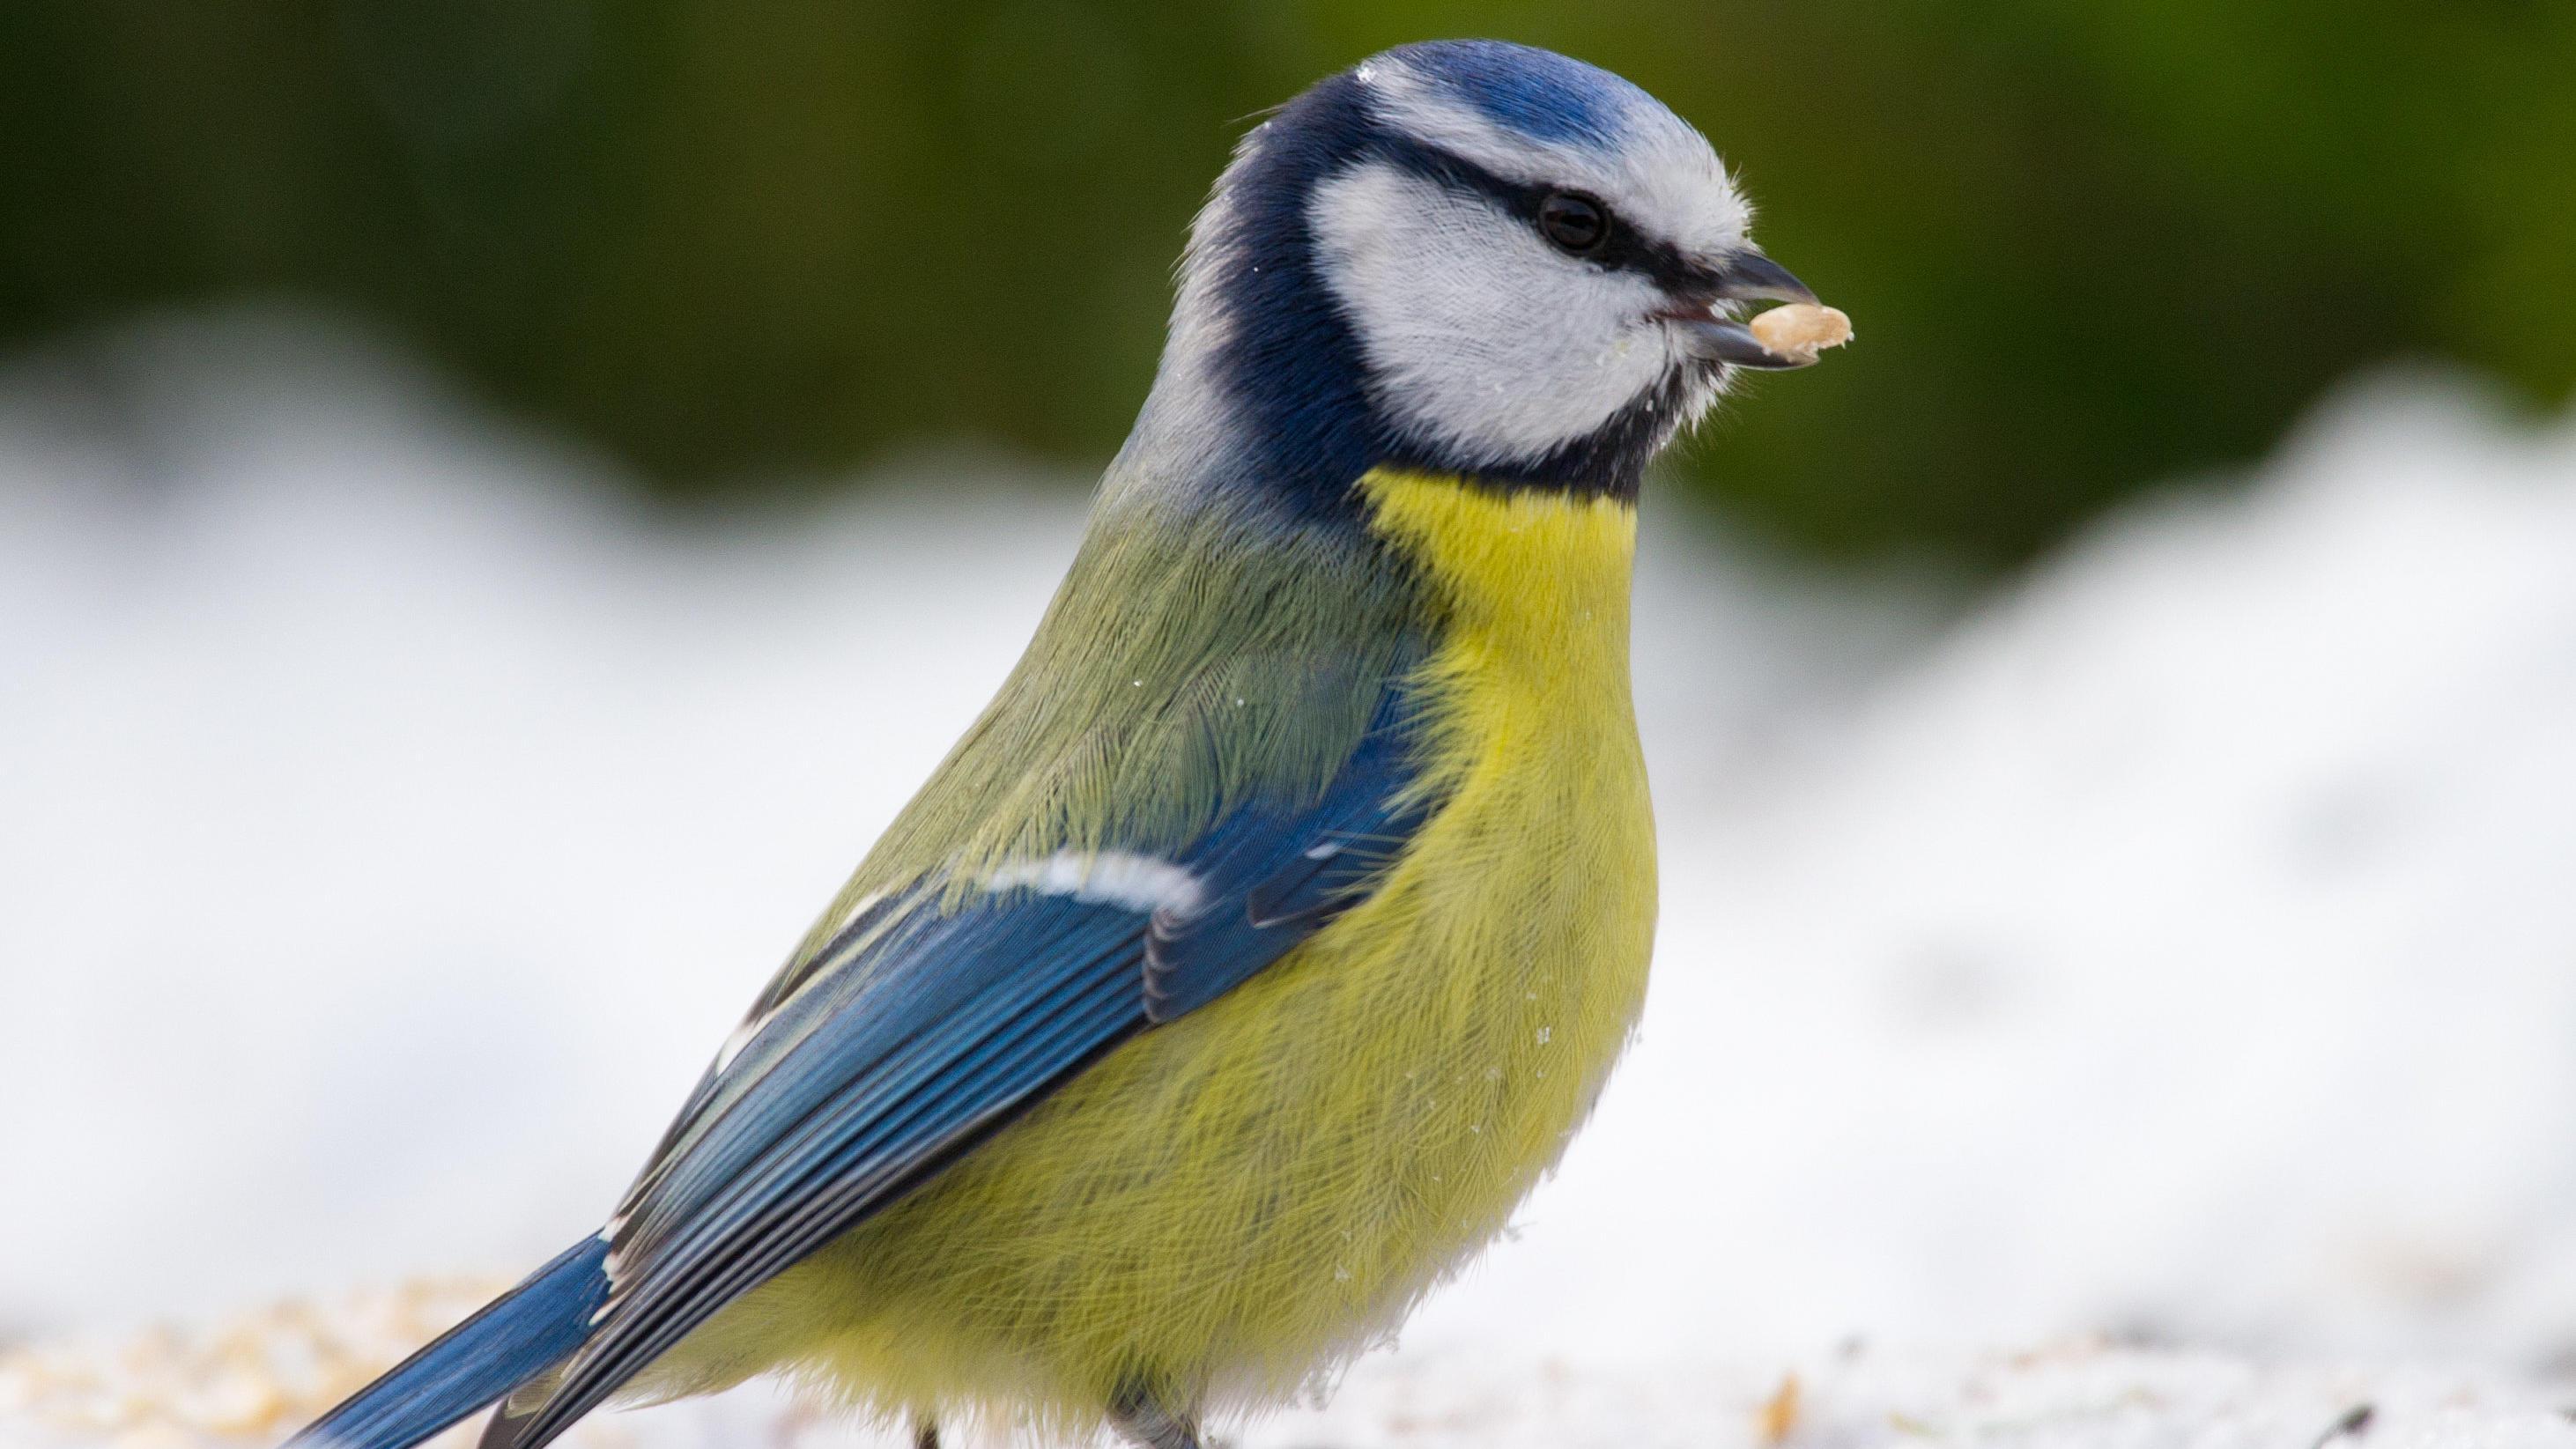 Mehr Vögel machen so glücklich wie eine Gehaltserhöhung